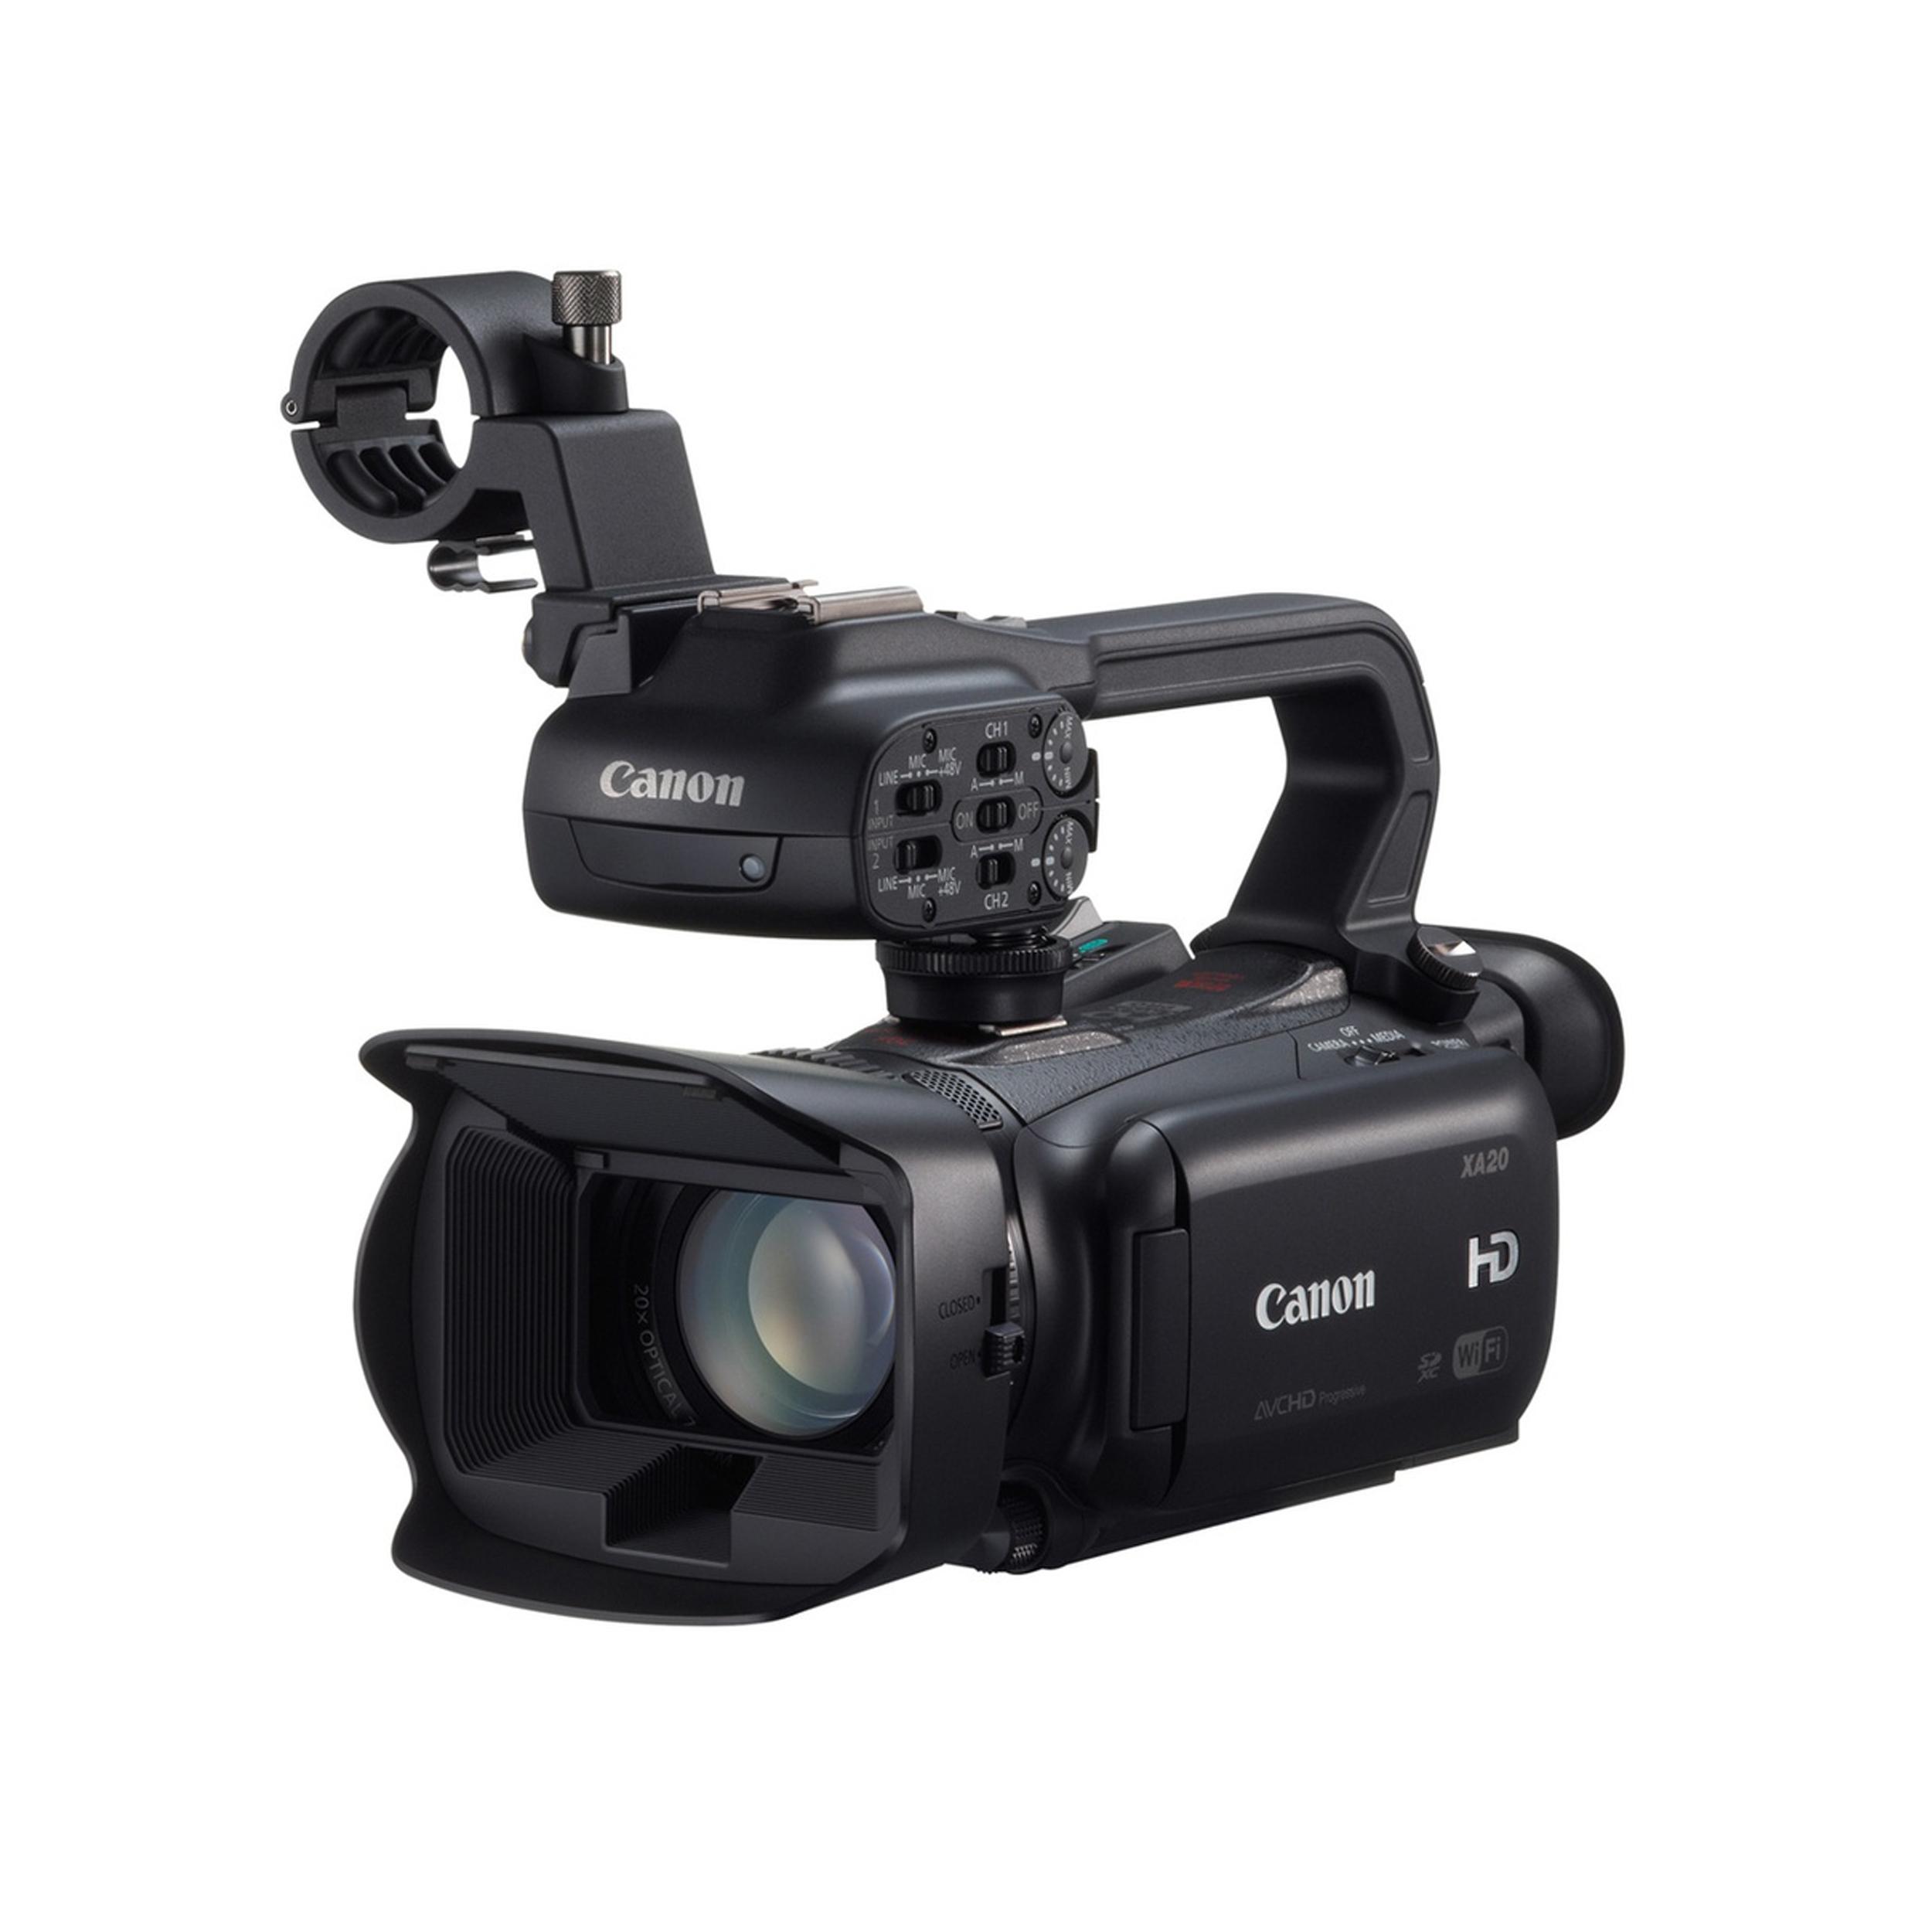 Caméra Canon XA20